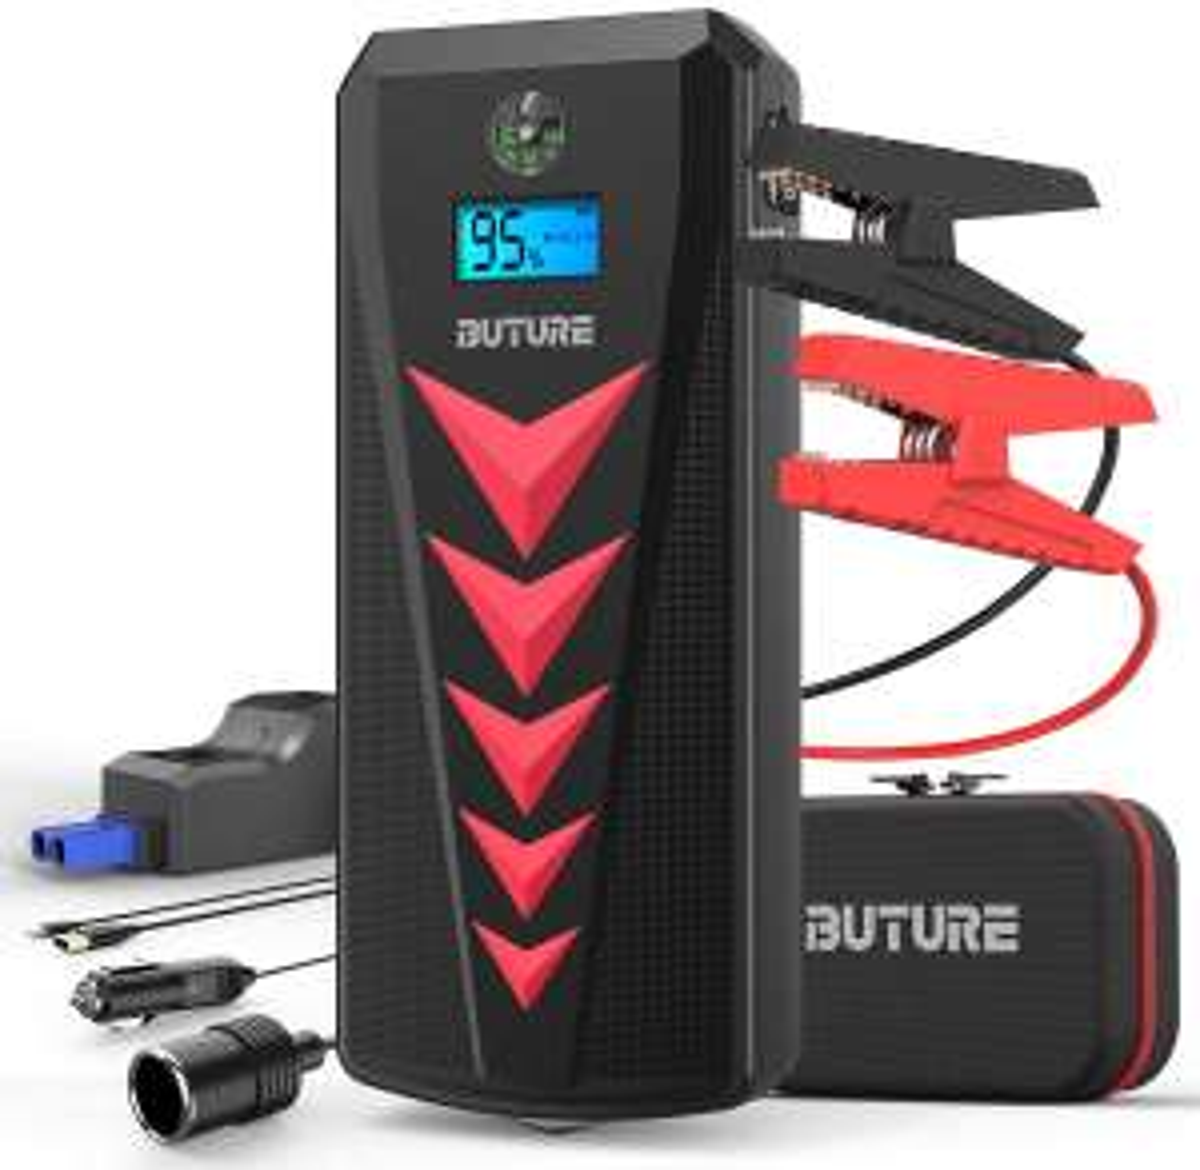 Booster pour batterie de voiture BuTure 2000A 22000mAh (Vendeur Tiers)